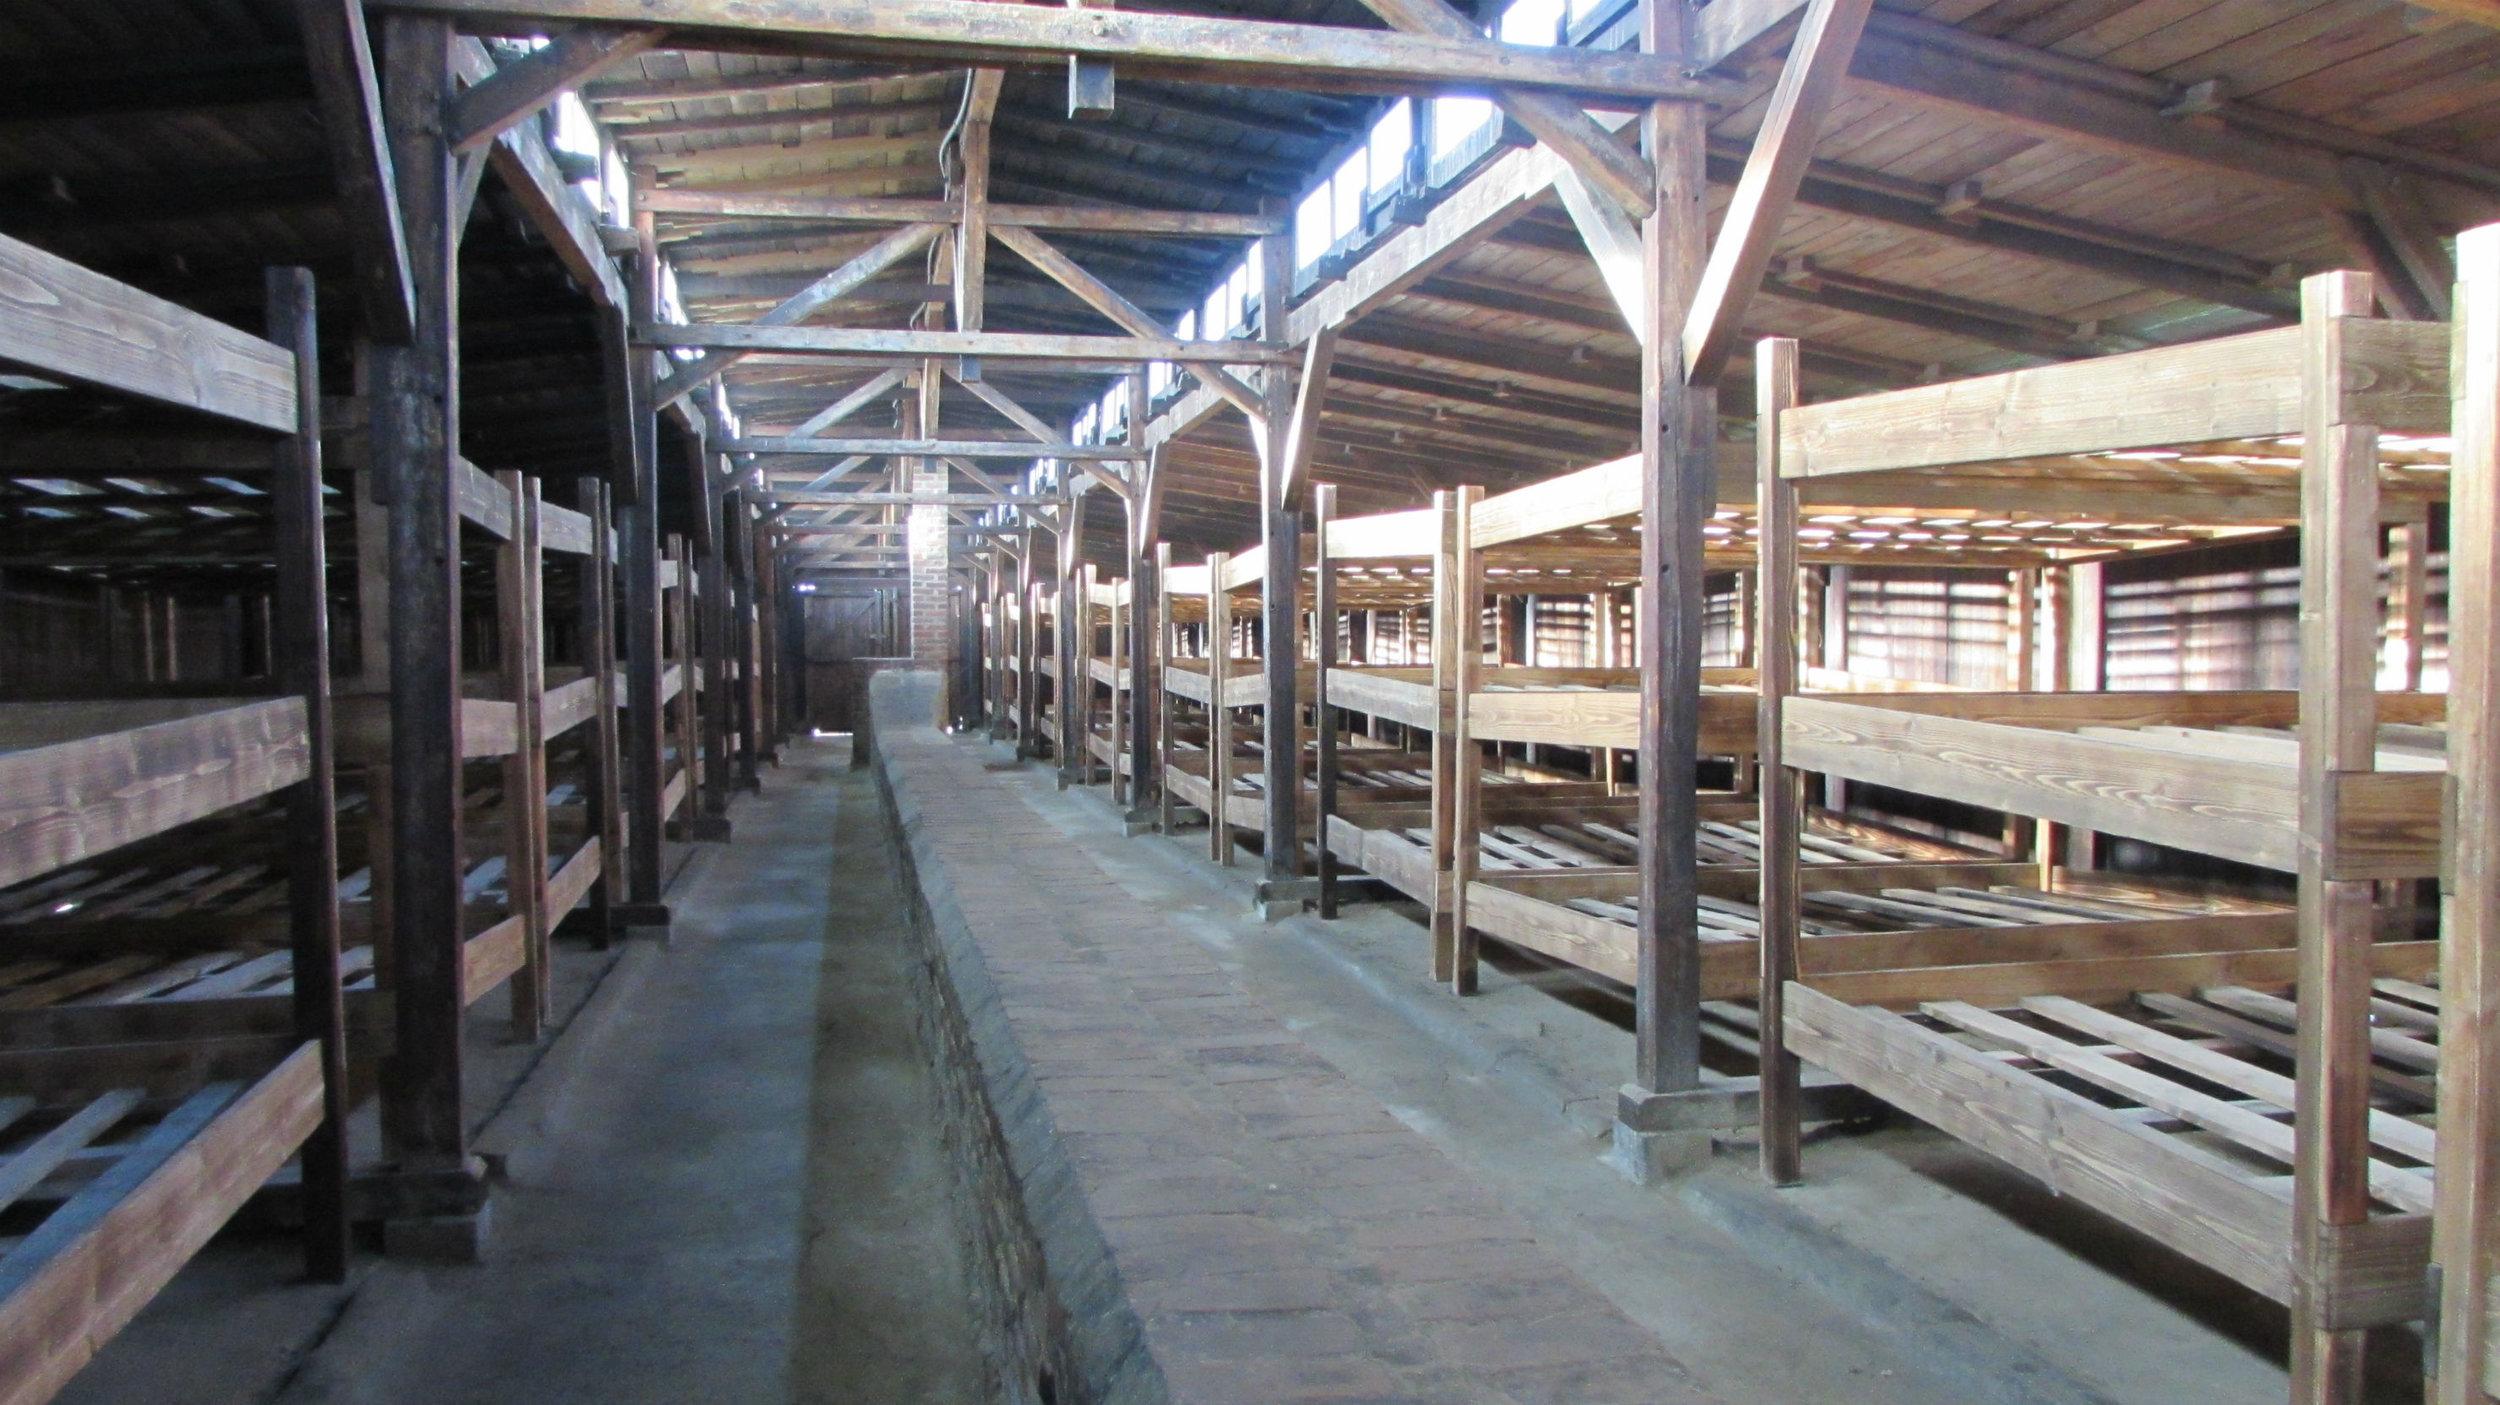 Inside a wooden barrack